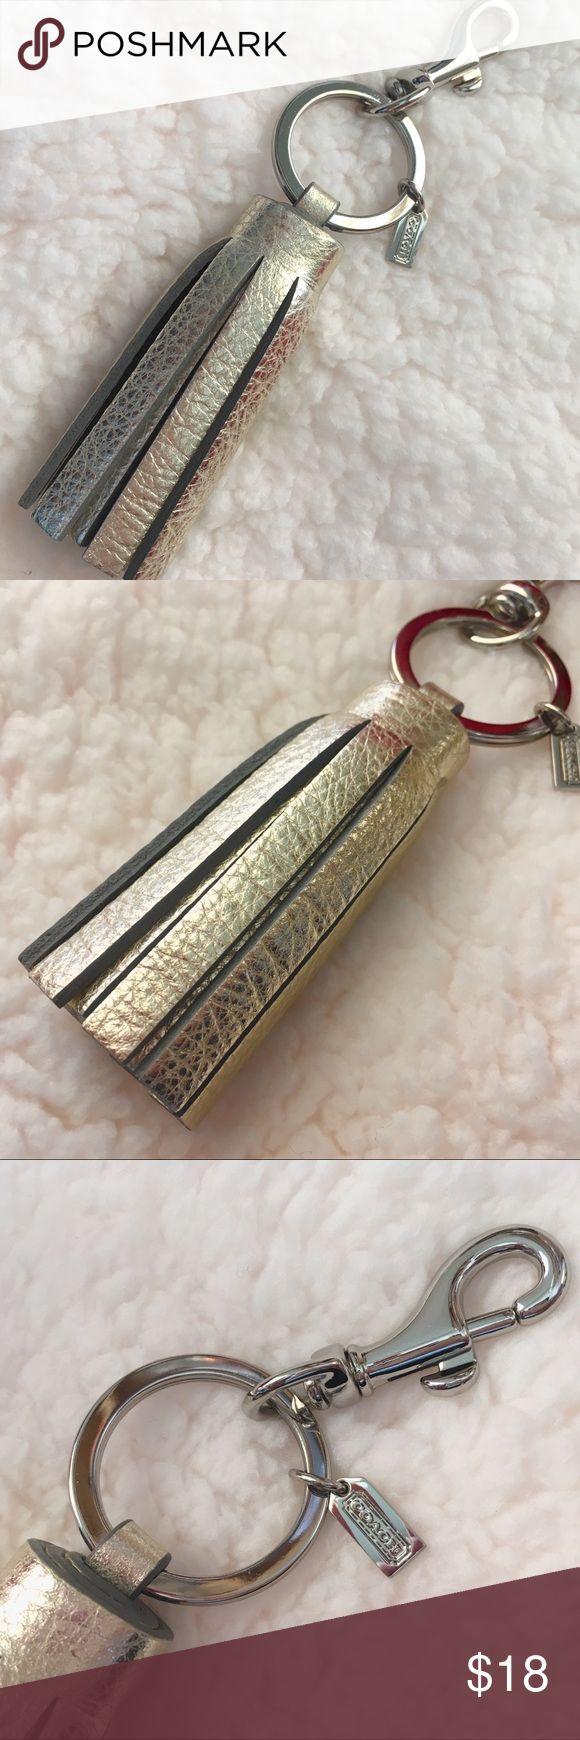 Coach legacy Tassel key ring Coach legacy Tassel key ring Coach Accessories Key & Card Holders